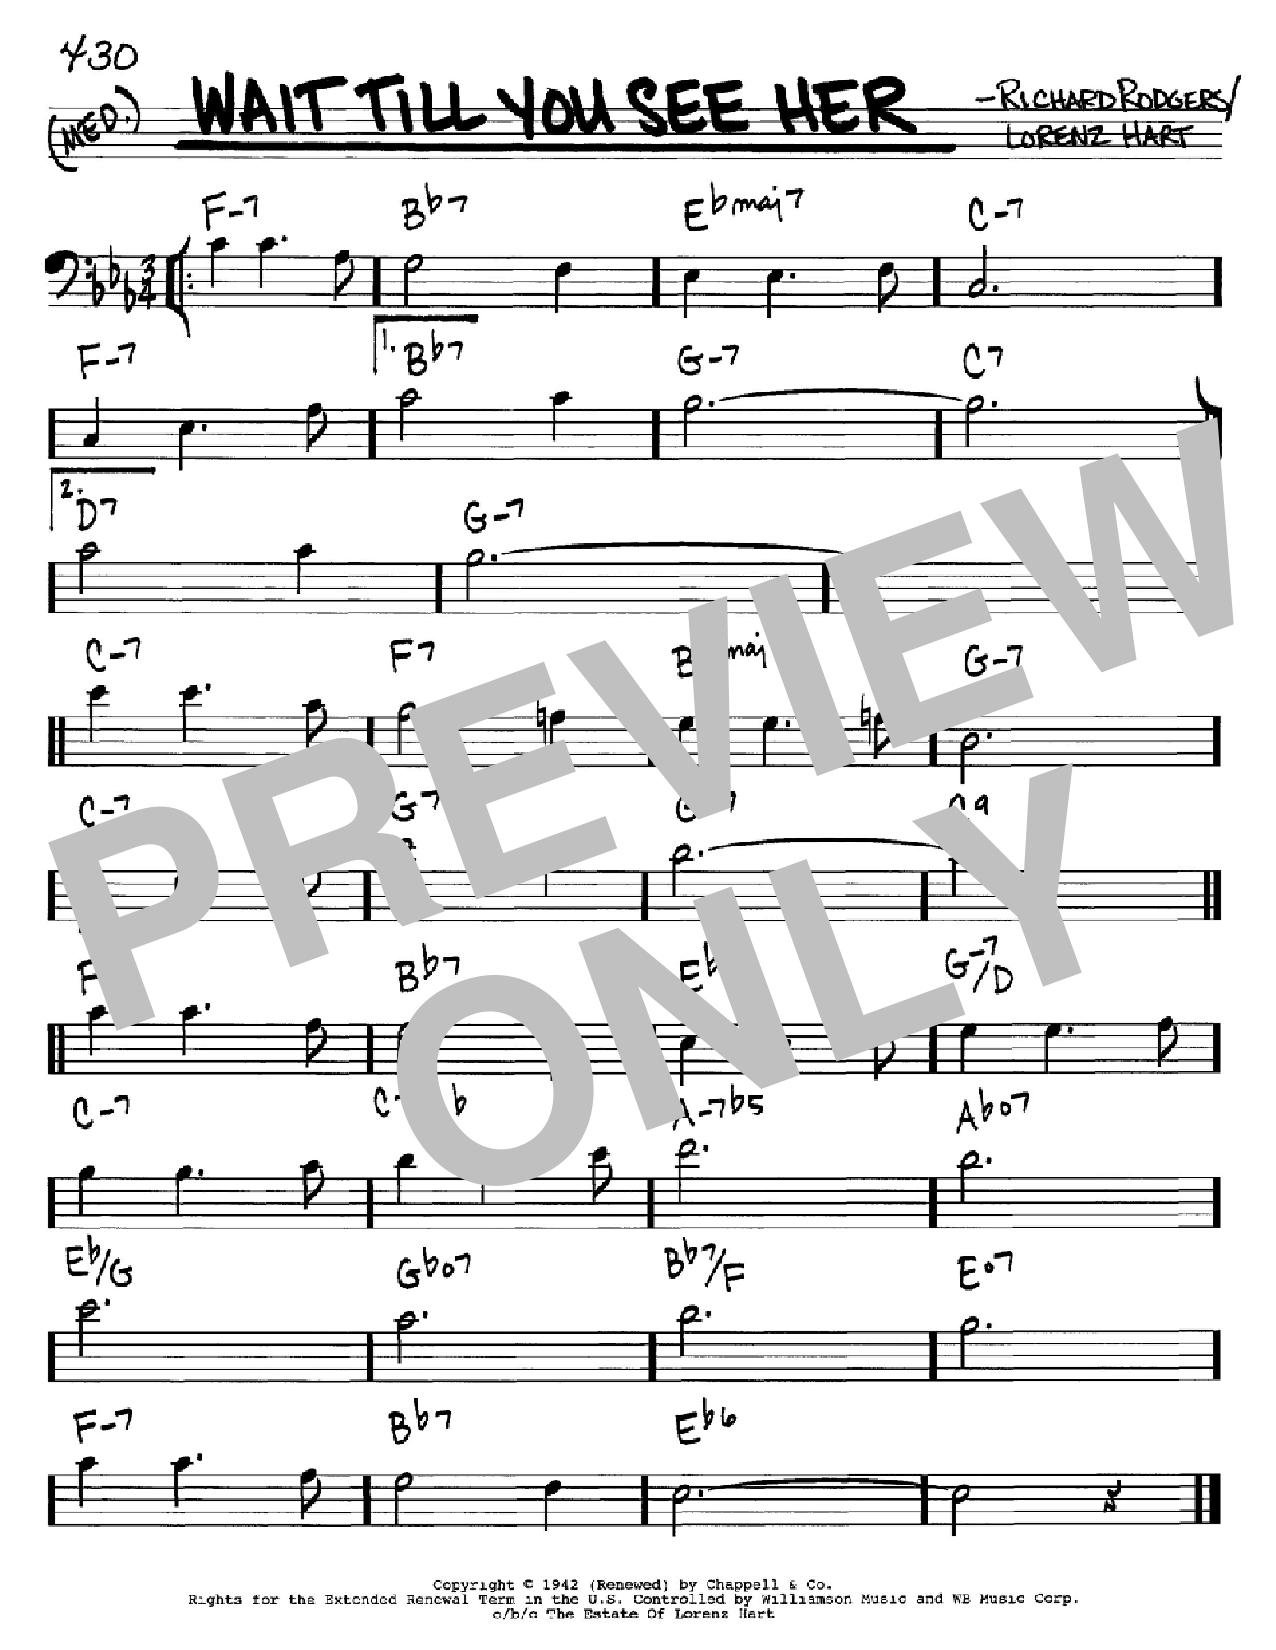 Partition autre Wait Till You See Her de Rodgers & Hart - Real Book, Melodie et Accords, Inst. En cle de Fa